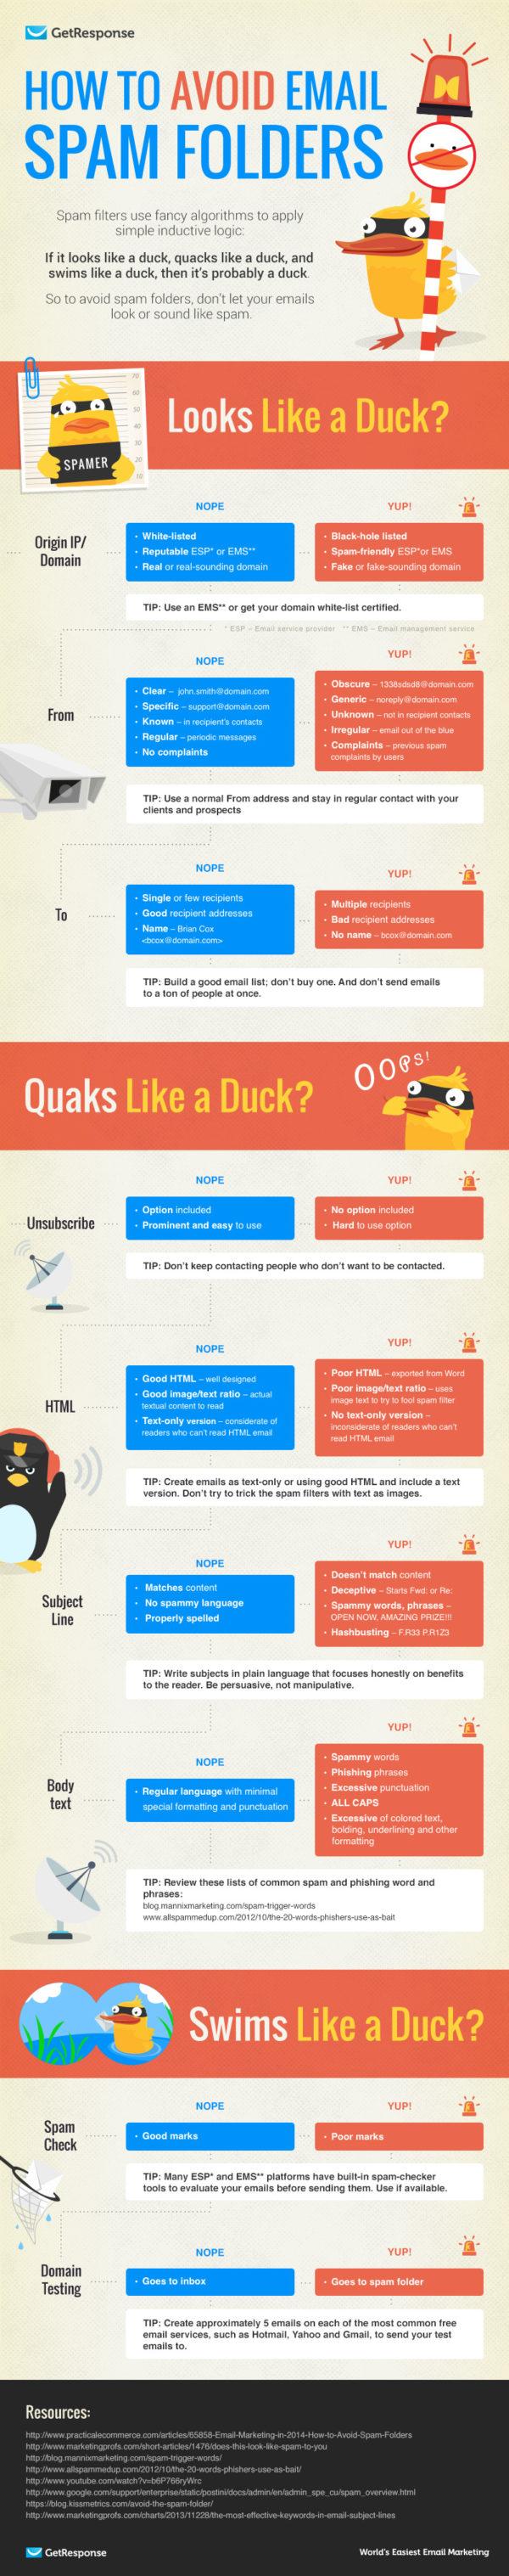 gr_infographic_avoidspam